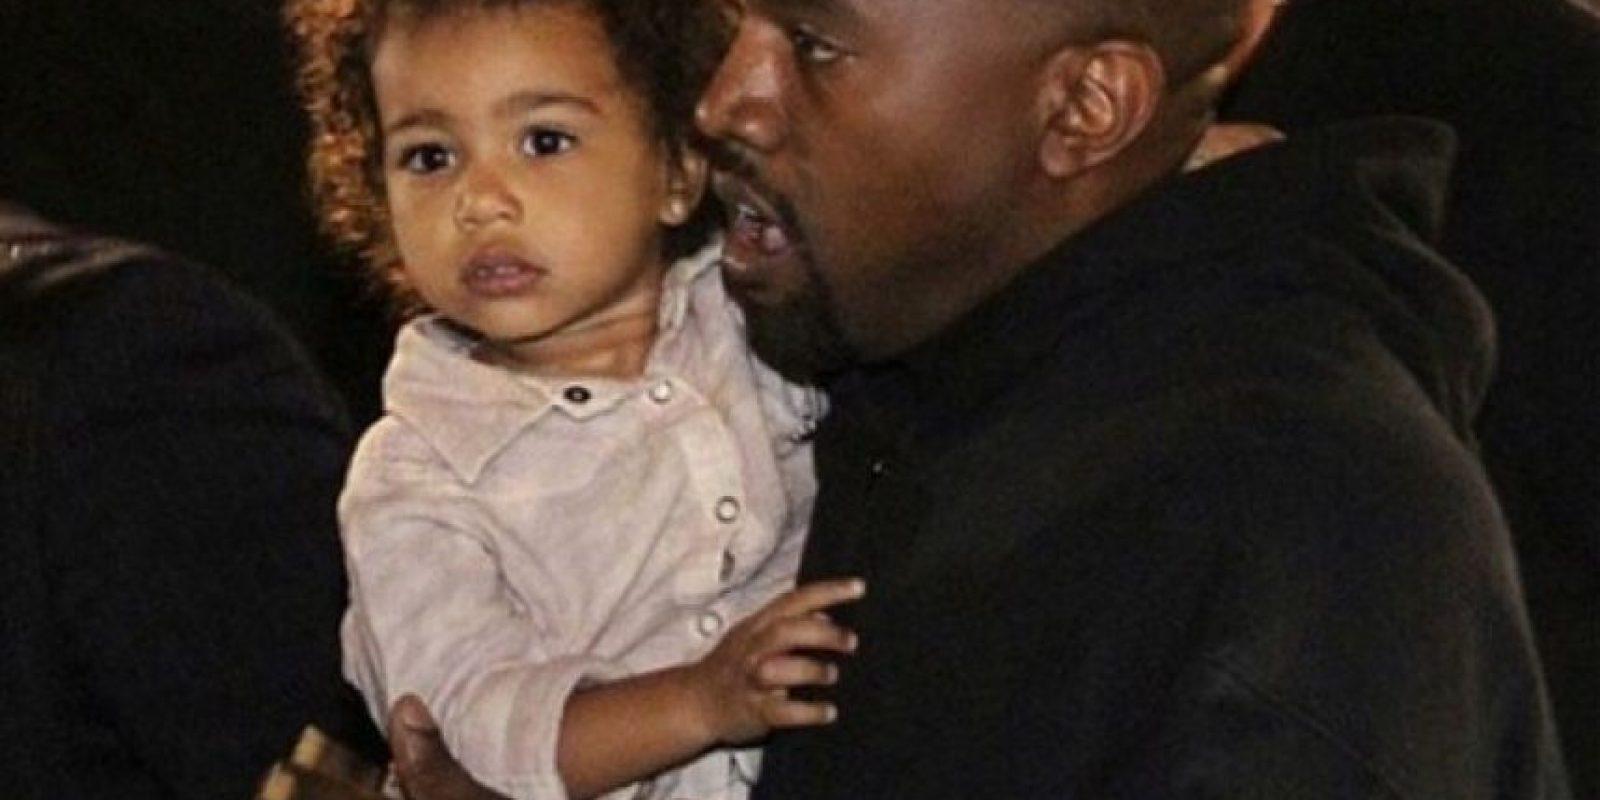 El rapero ha destacado por ser un padre amoroso Foto:Instagram/KimKardashian